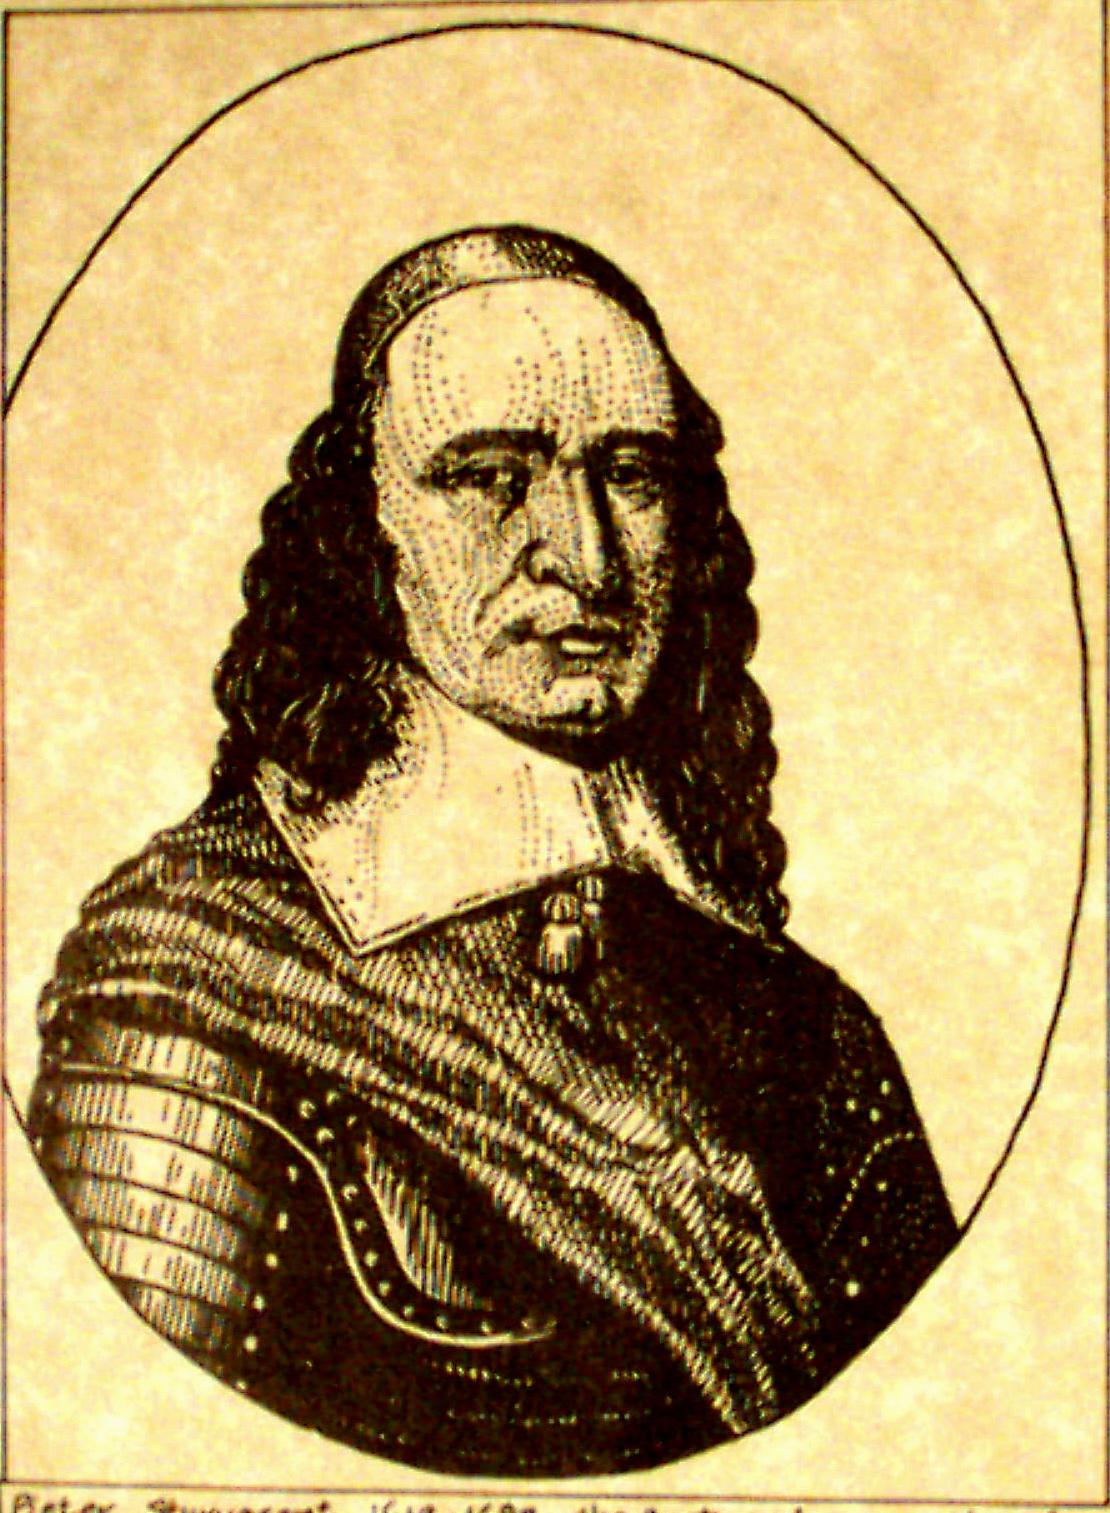 37-PIETER STUYVESANT (1612-1682) OF NEW YORK (c. LAWRENCE E. WALKER FOUNDATION)